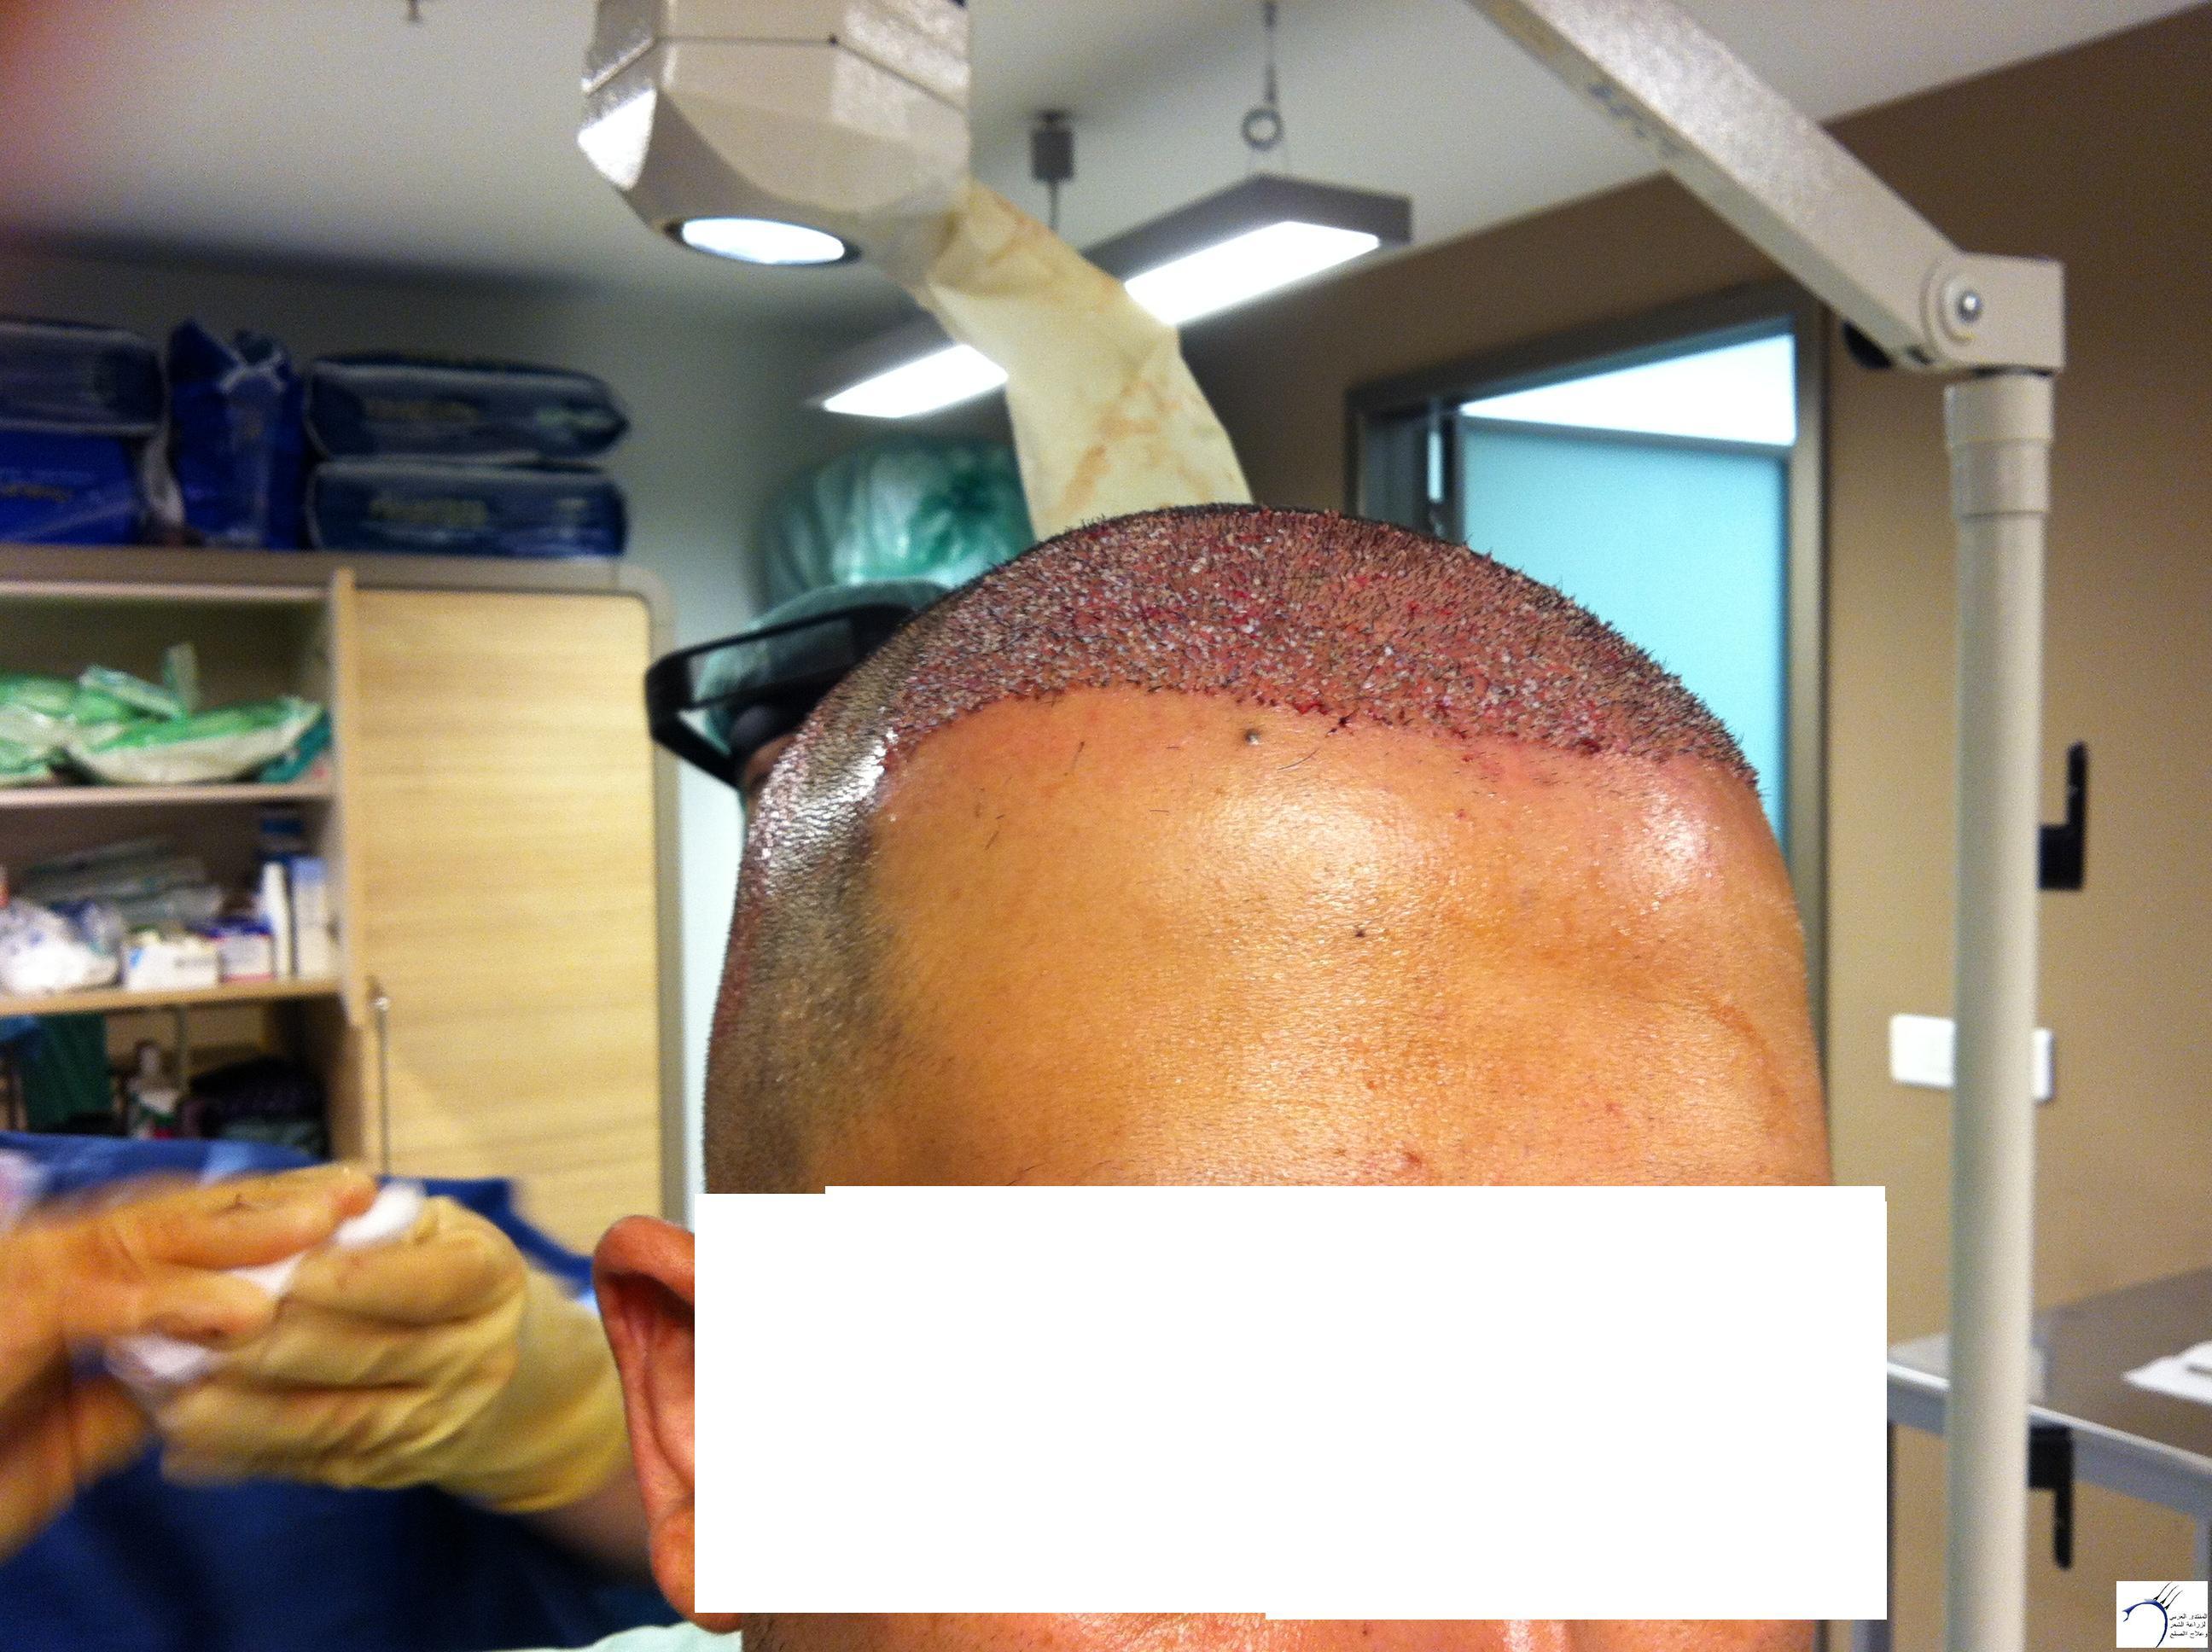 تجربتي لزراعة الشعر الدكتور Tayfun www.hairarab.com1651